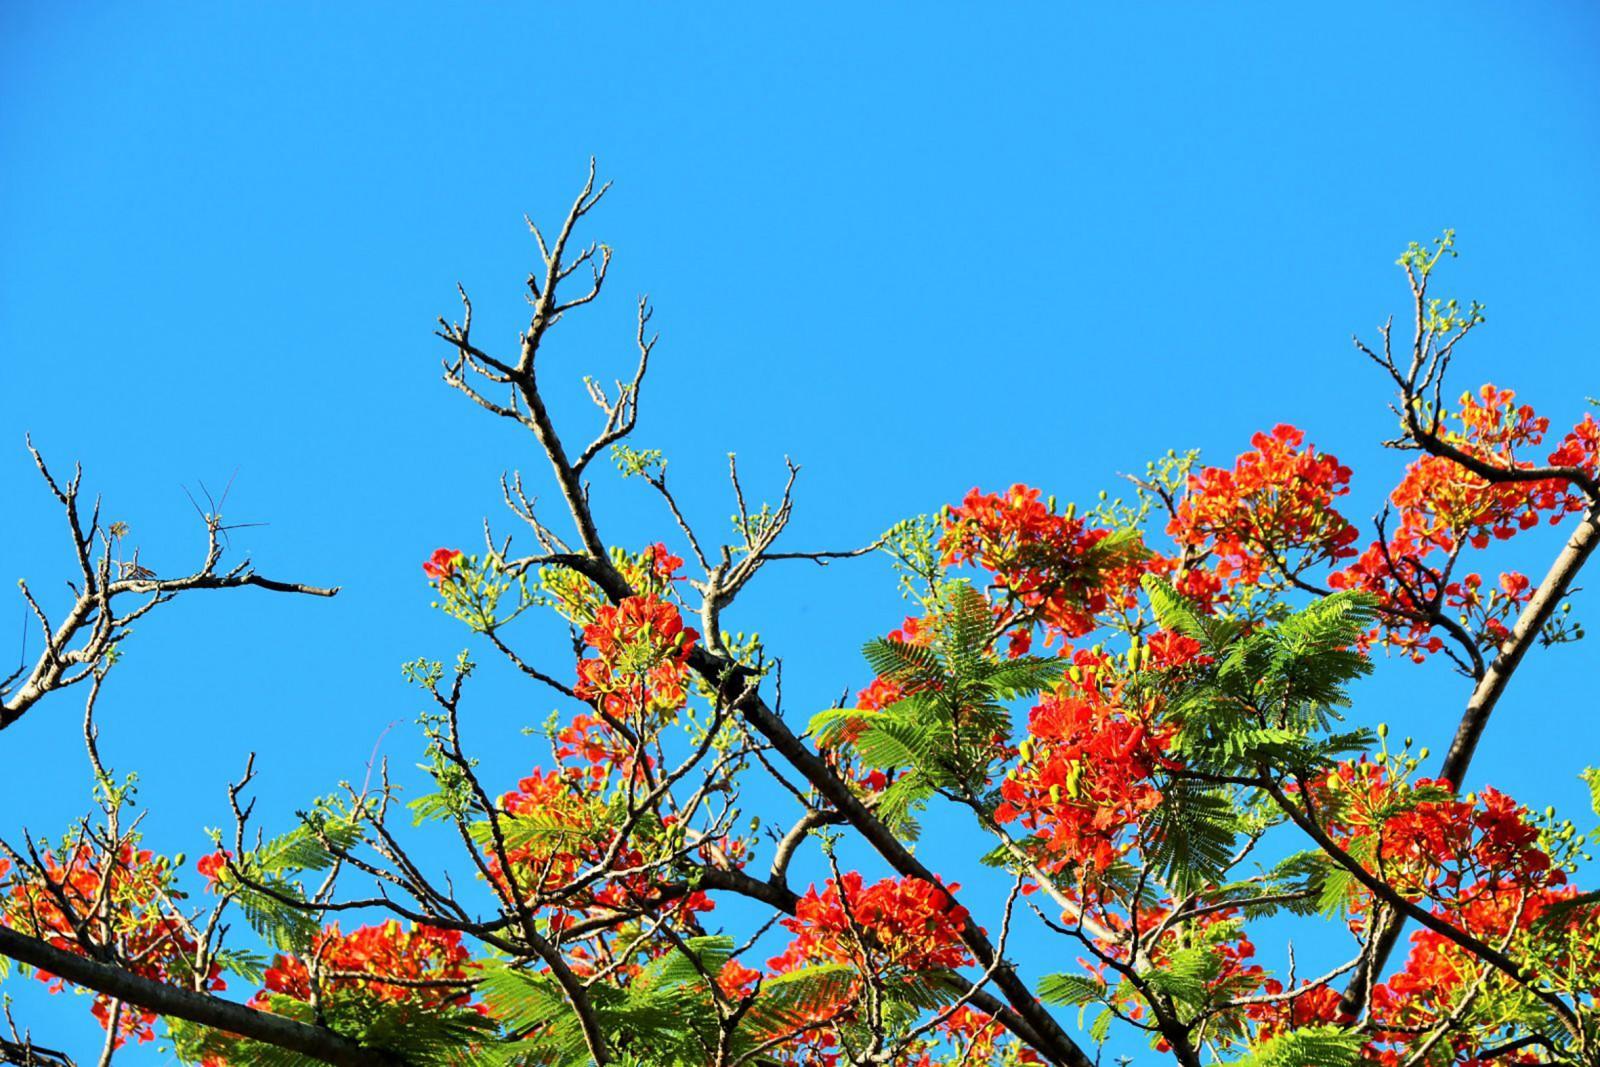 Hình ảnh những bông hoa phượng cực đẹp